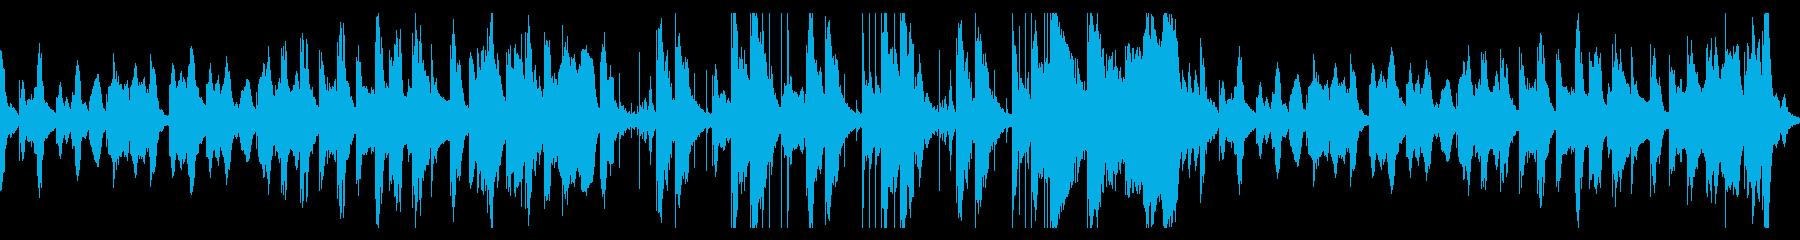 笛・木琴のほのぼの可愛いコミカルループ曲の再生済みの波形